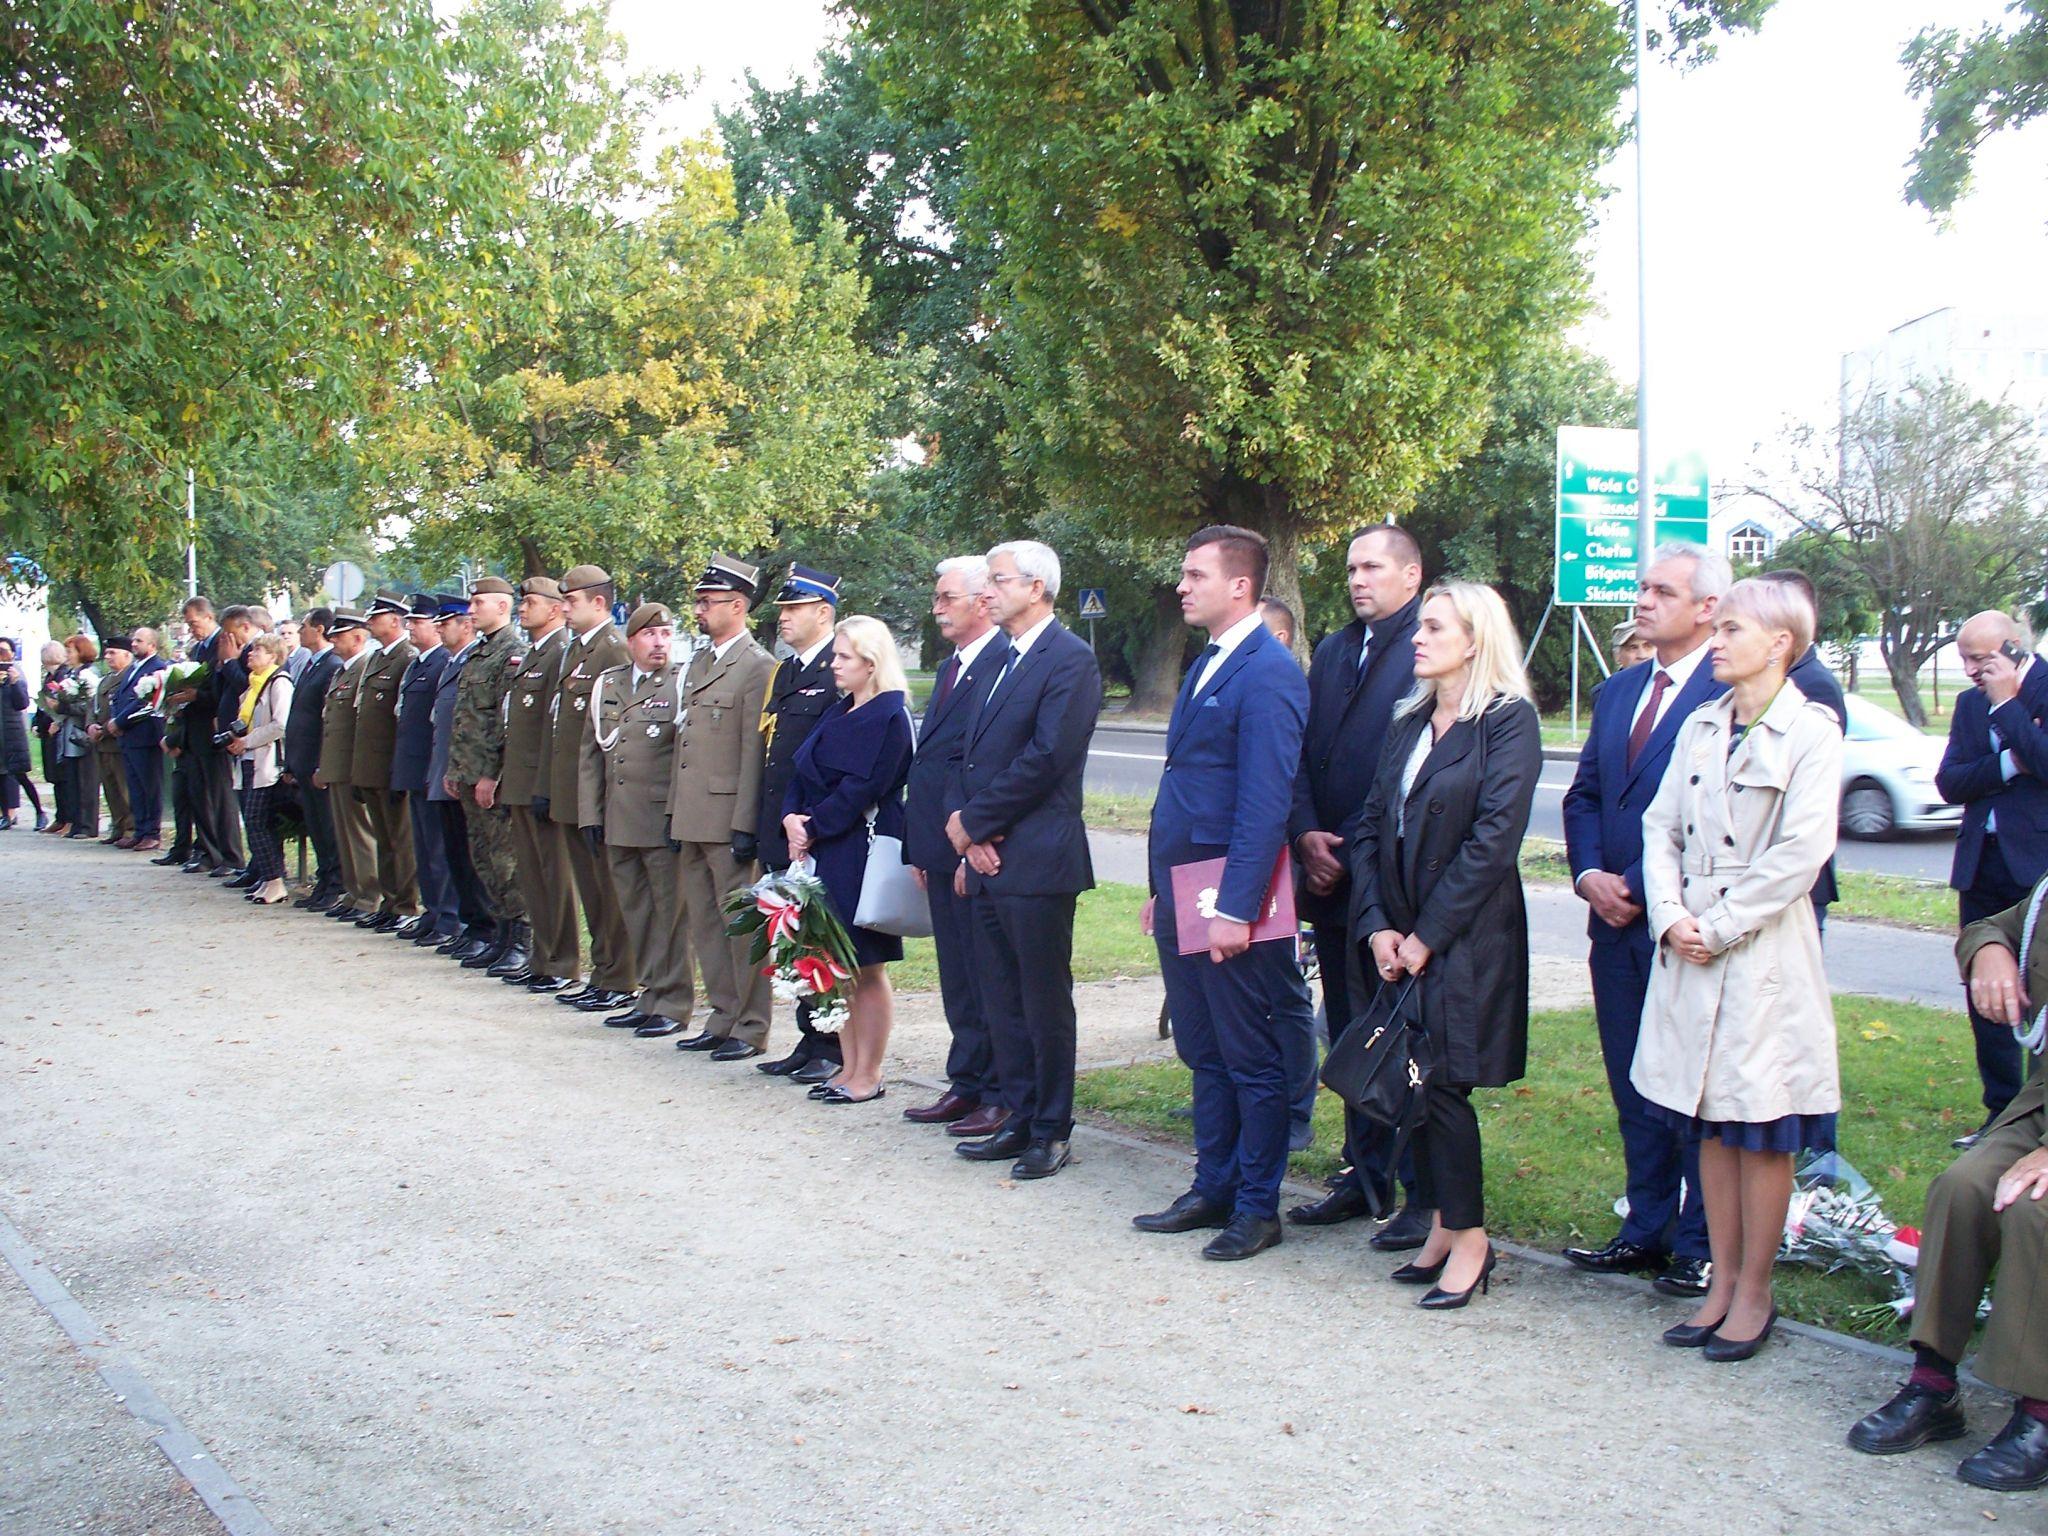 100 9679 Zamość: Obchody 80. rocznicypowstania Polskiego Państwa Podziemnego [ZDJĘCIA]